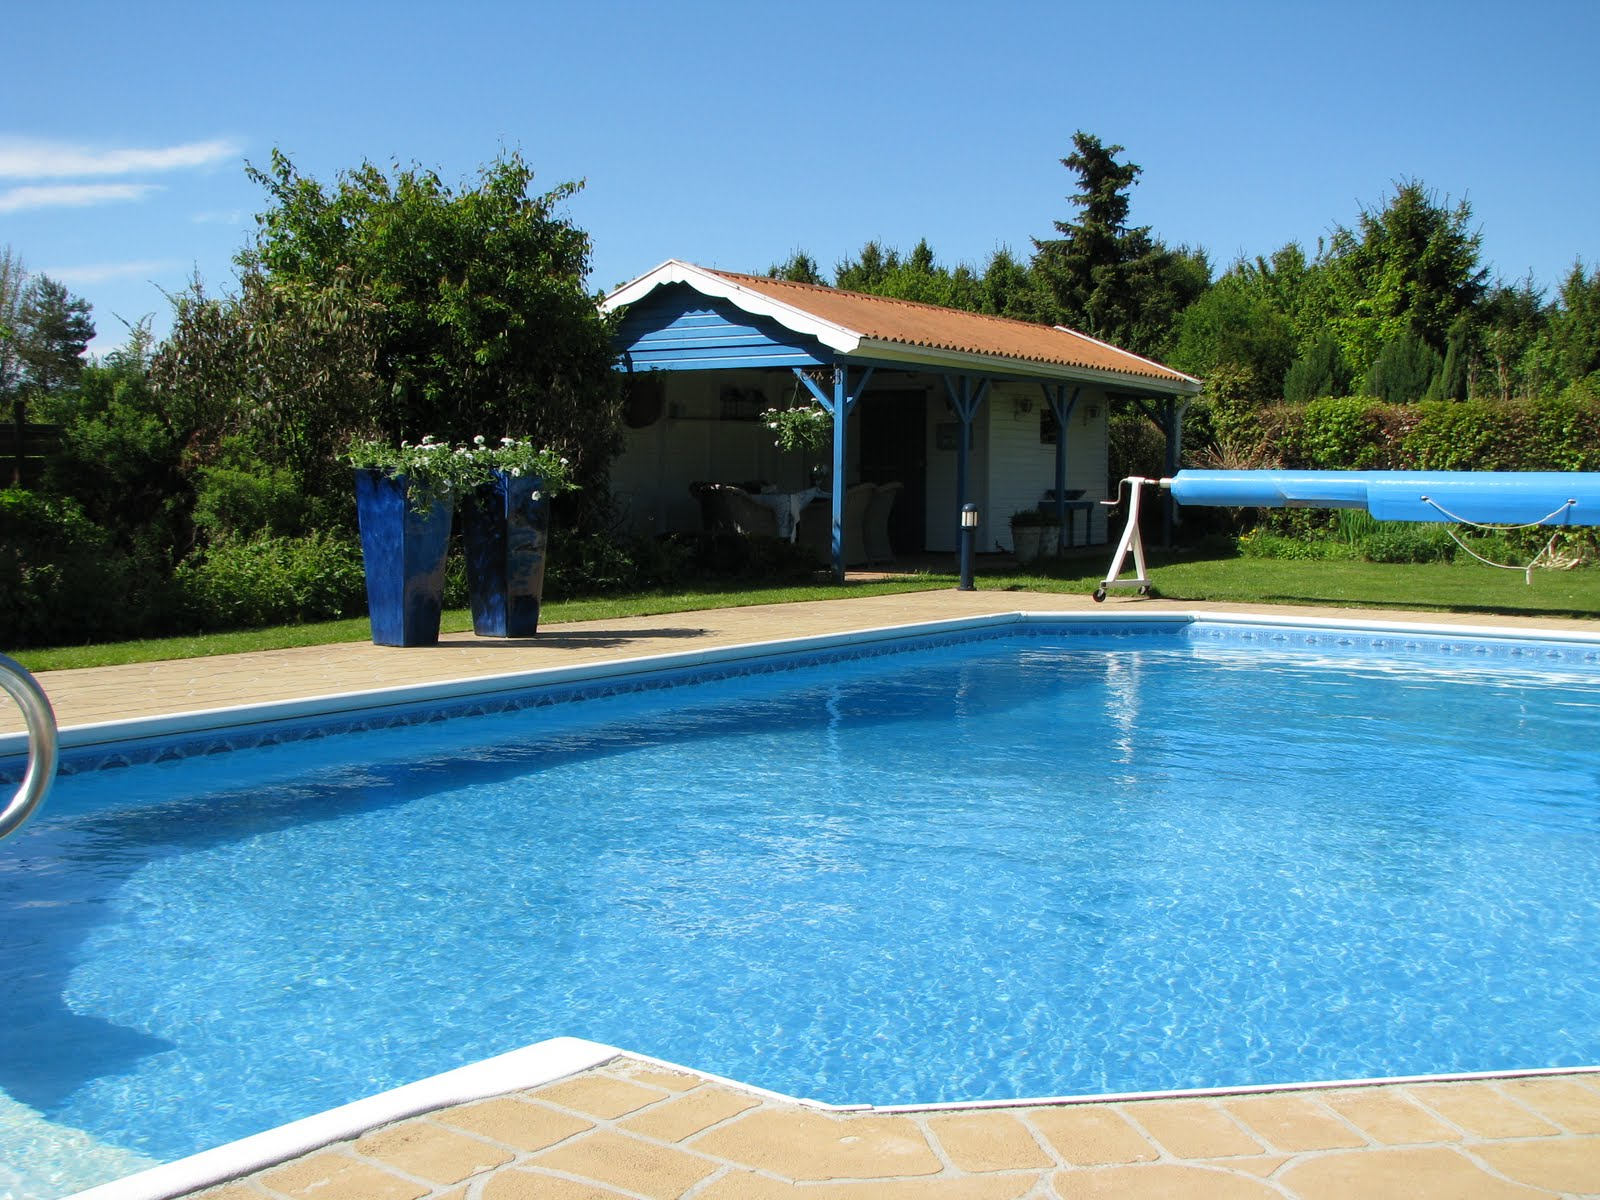 Leven leven met de tuin for Zwembad plaatsen in tuin